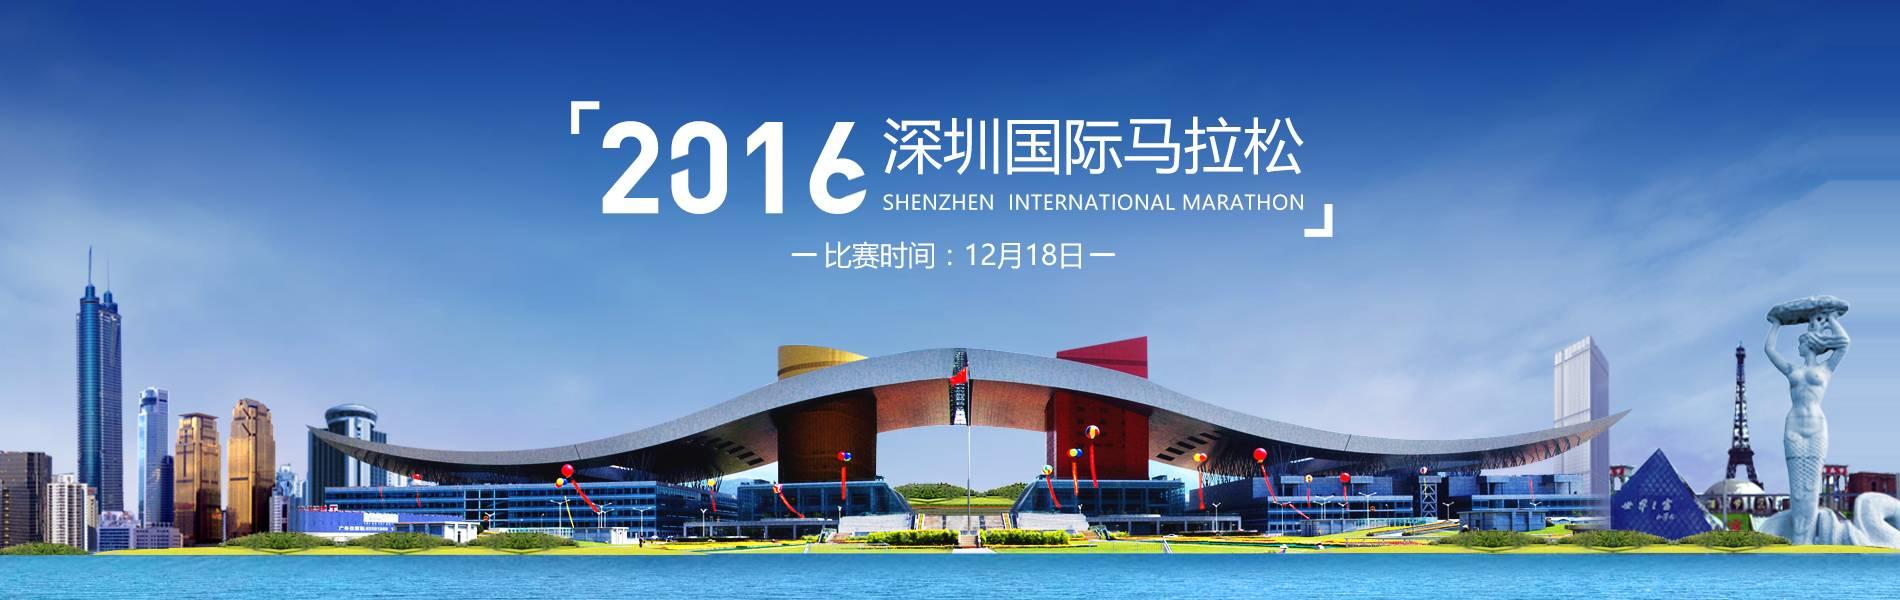 2016深圳国际马拉松赛交通管制 2016深圳马拉松交通管制时间路段